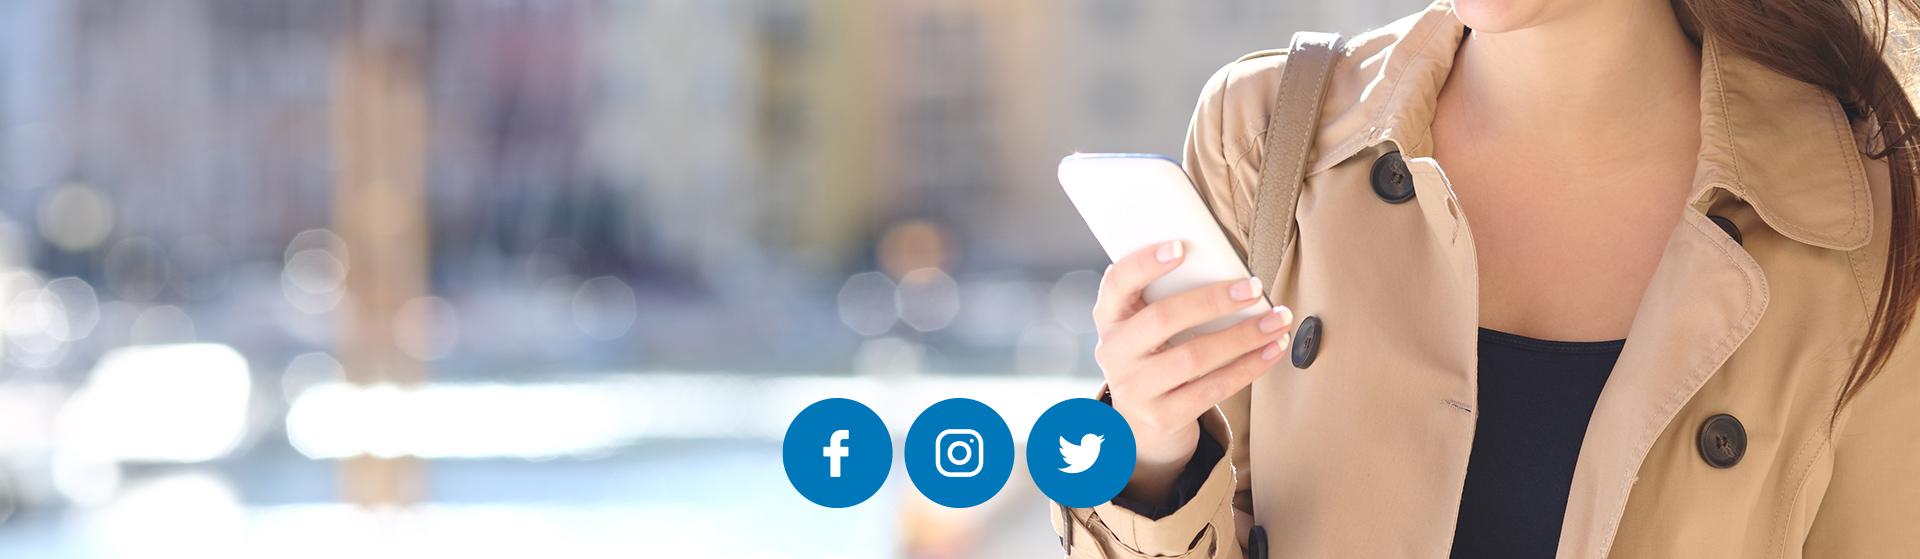 Síguenos en las redes sociales <br>Información instantánea